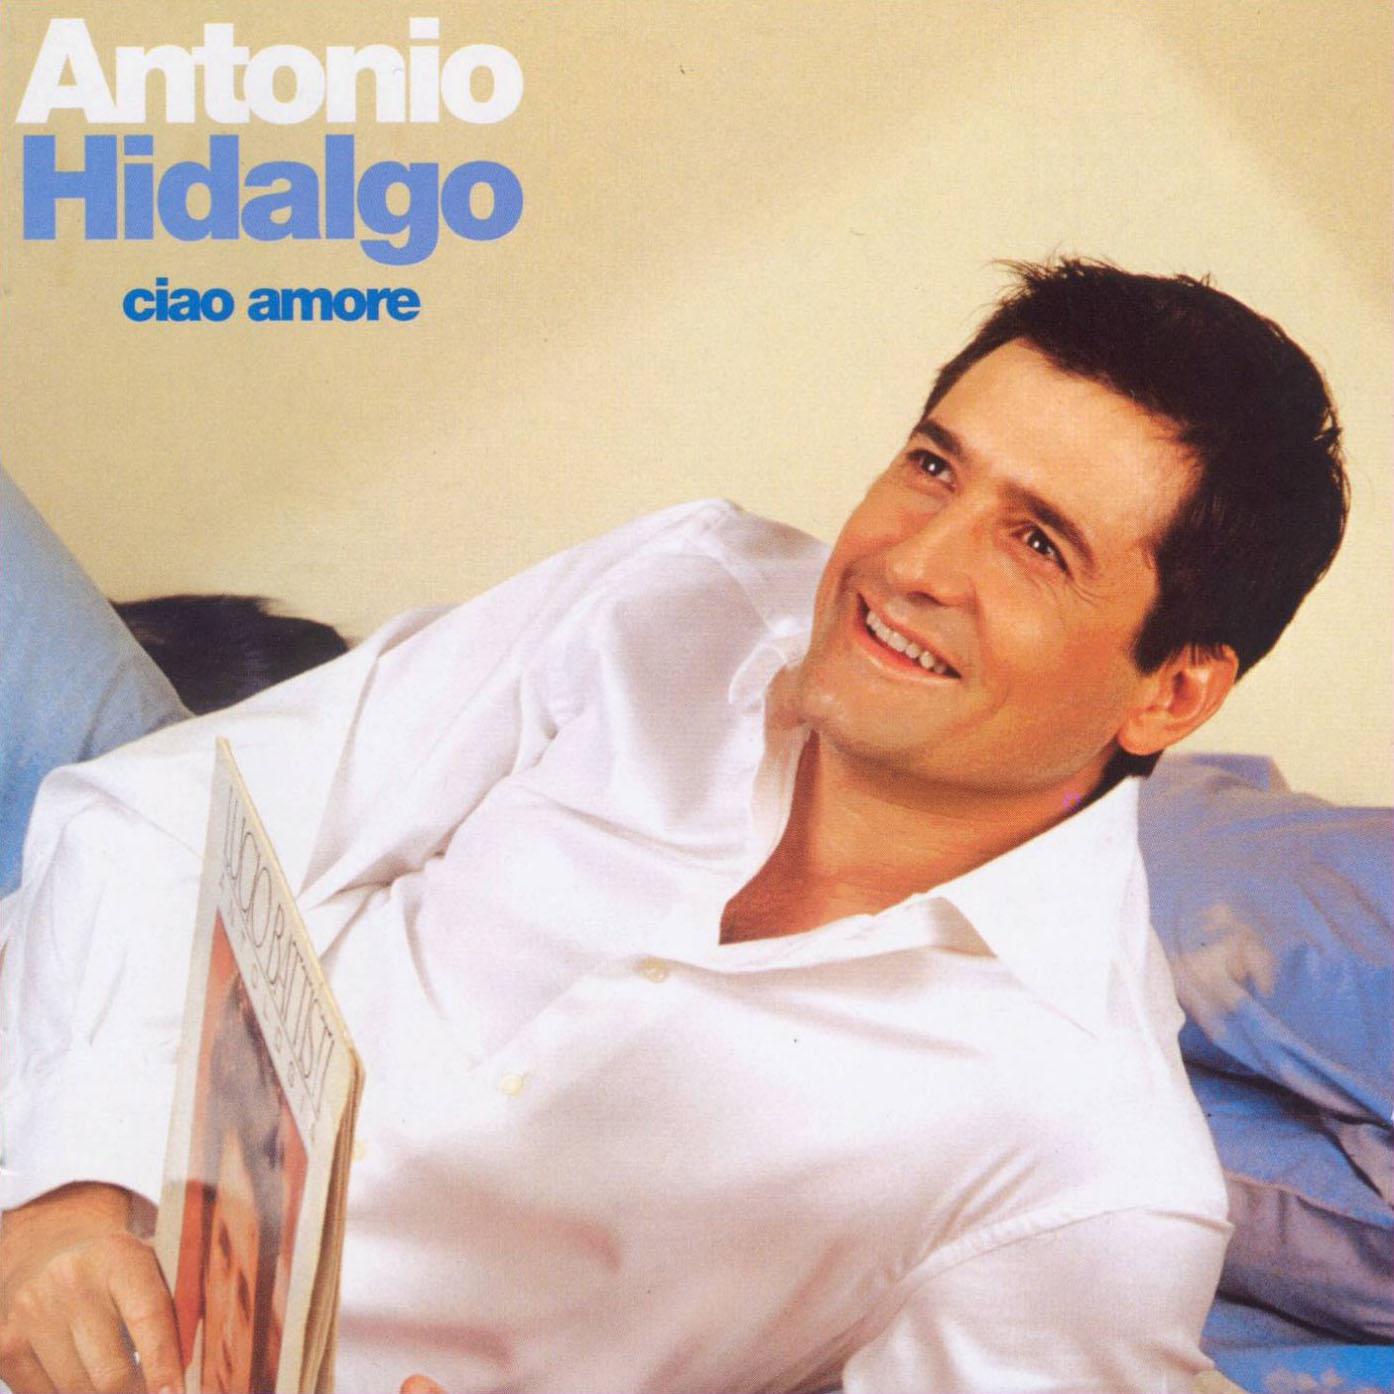 Antonio_Hidalgo-Ciao_Amore